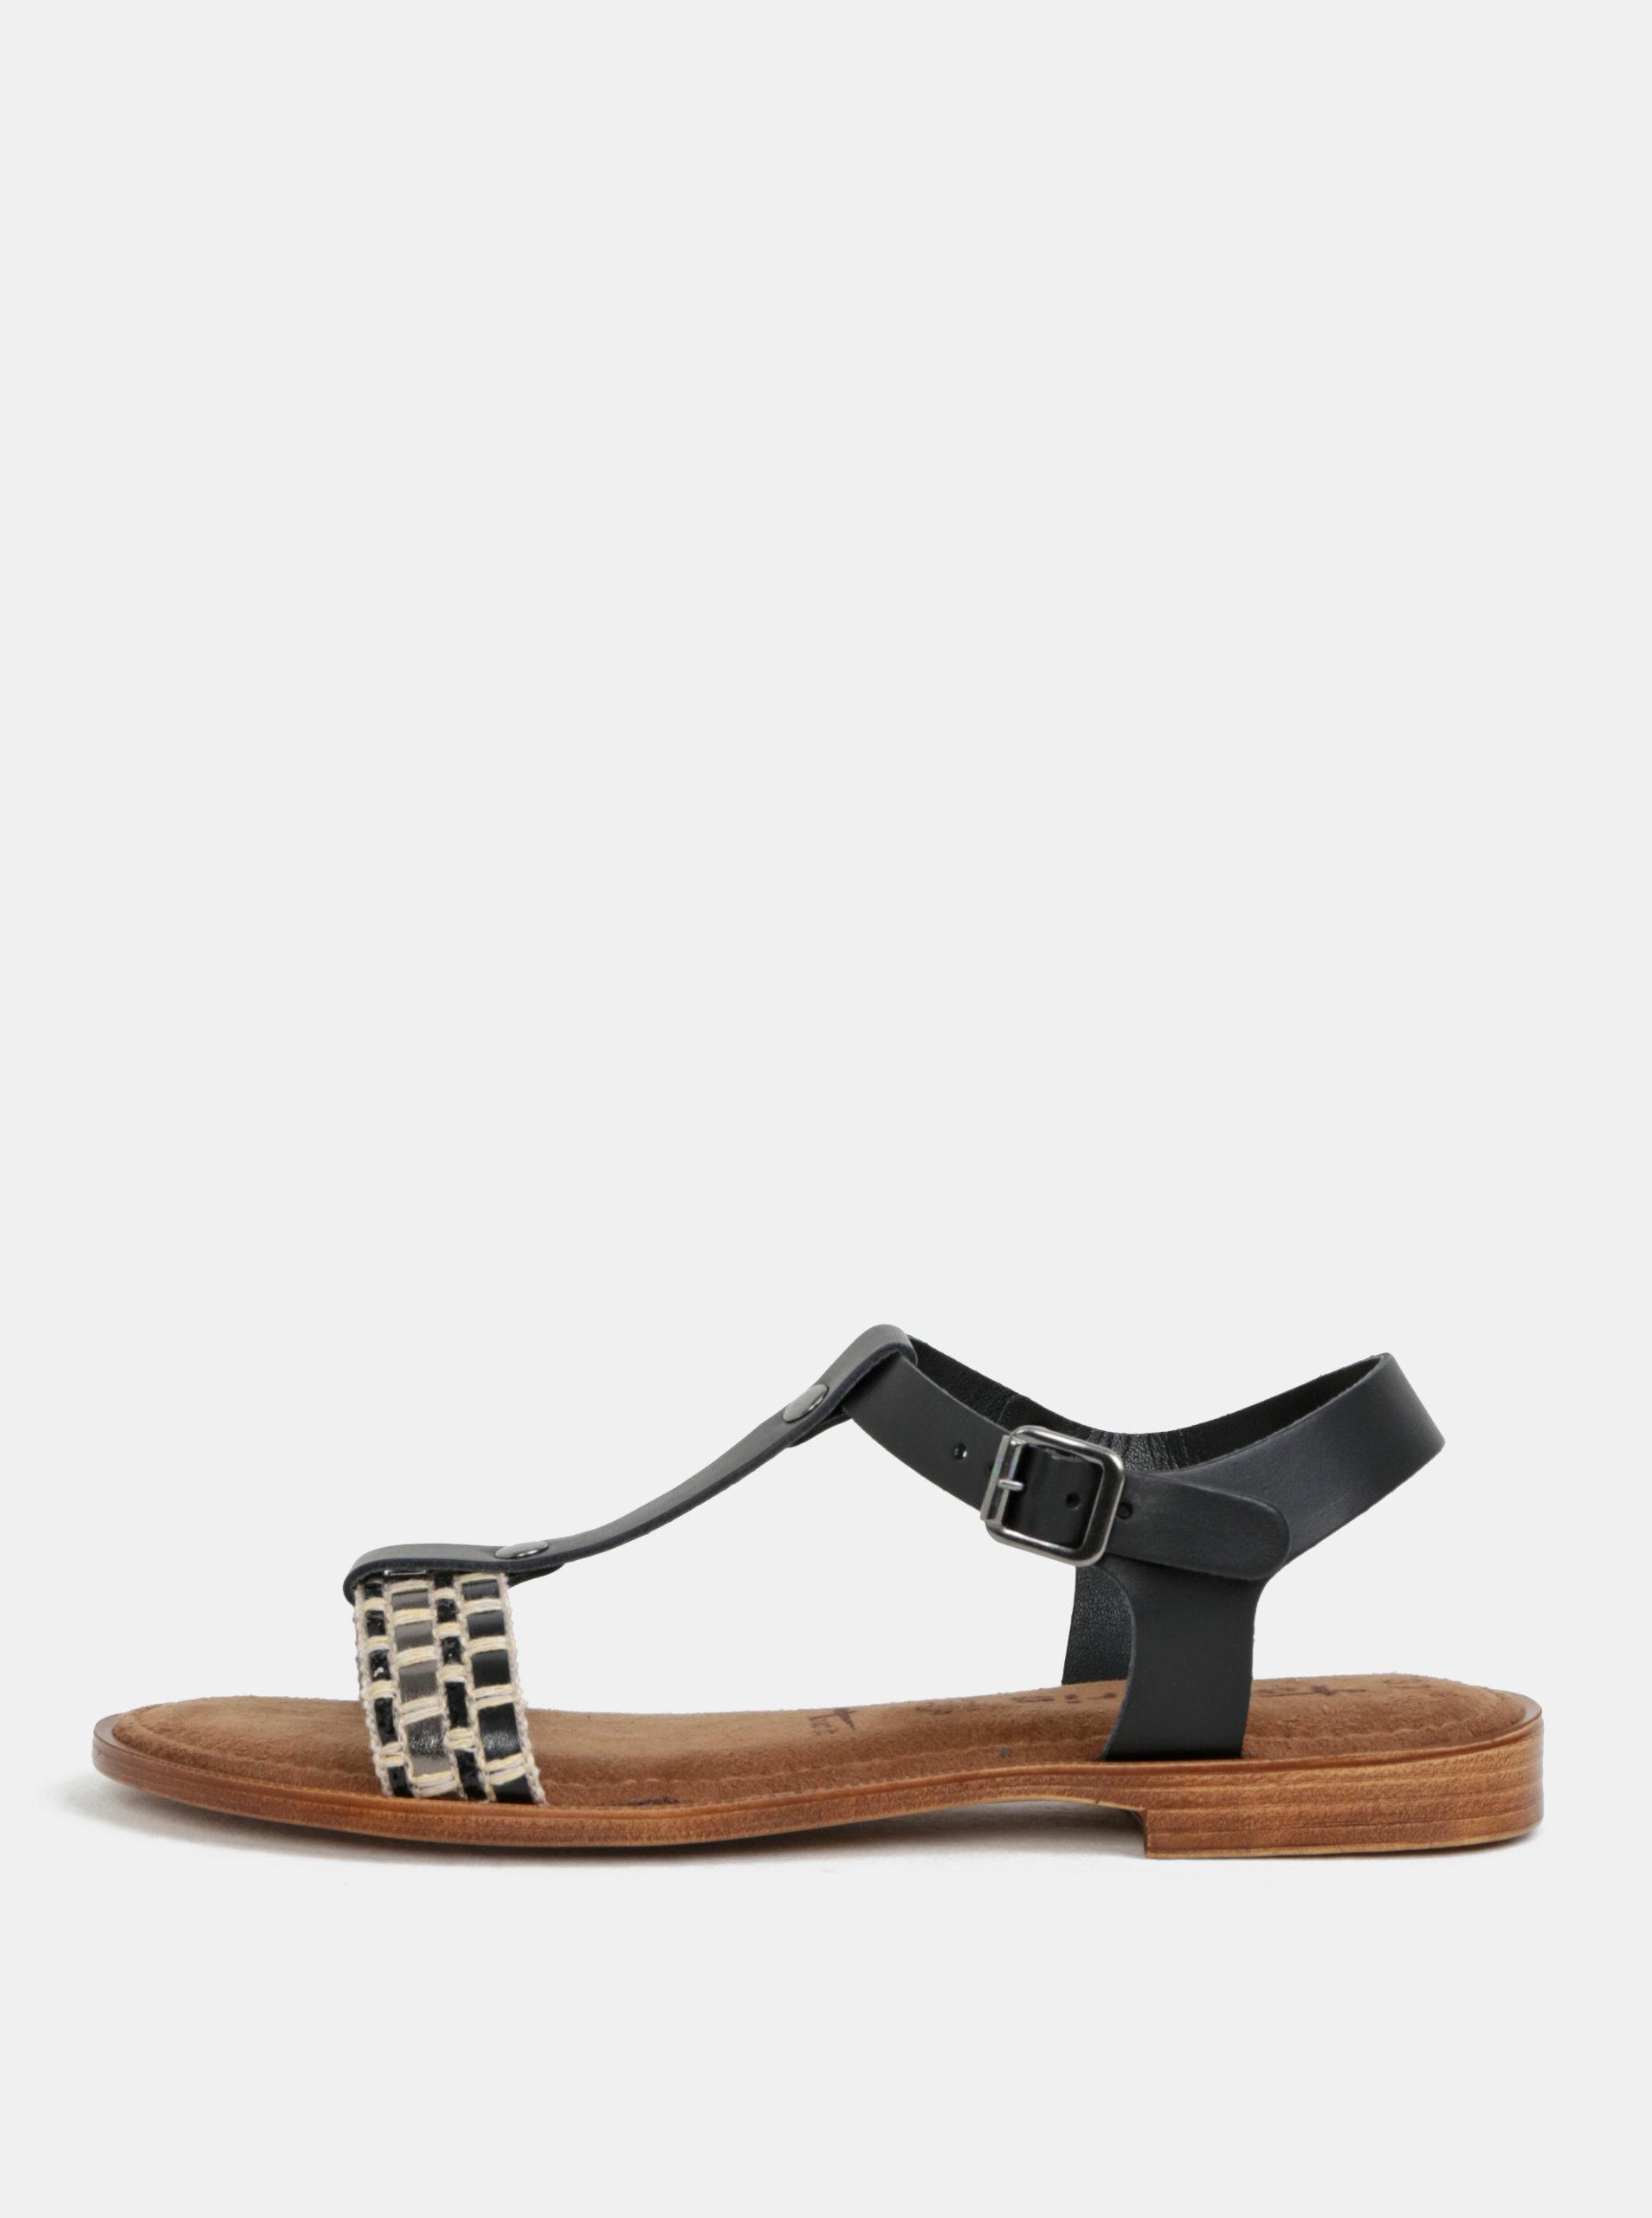 Krémovo-čierne kožené sandále Tamaris ... b967a4bb6a8